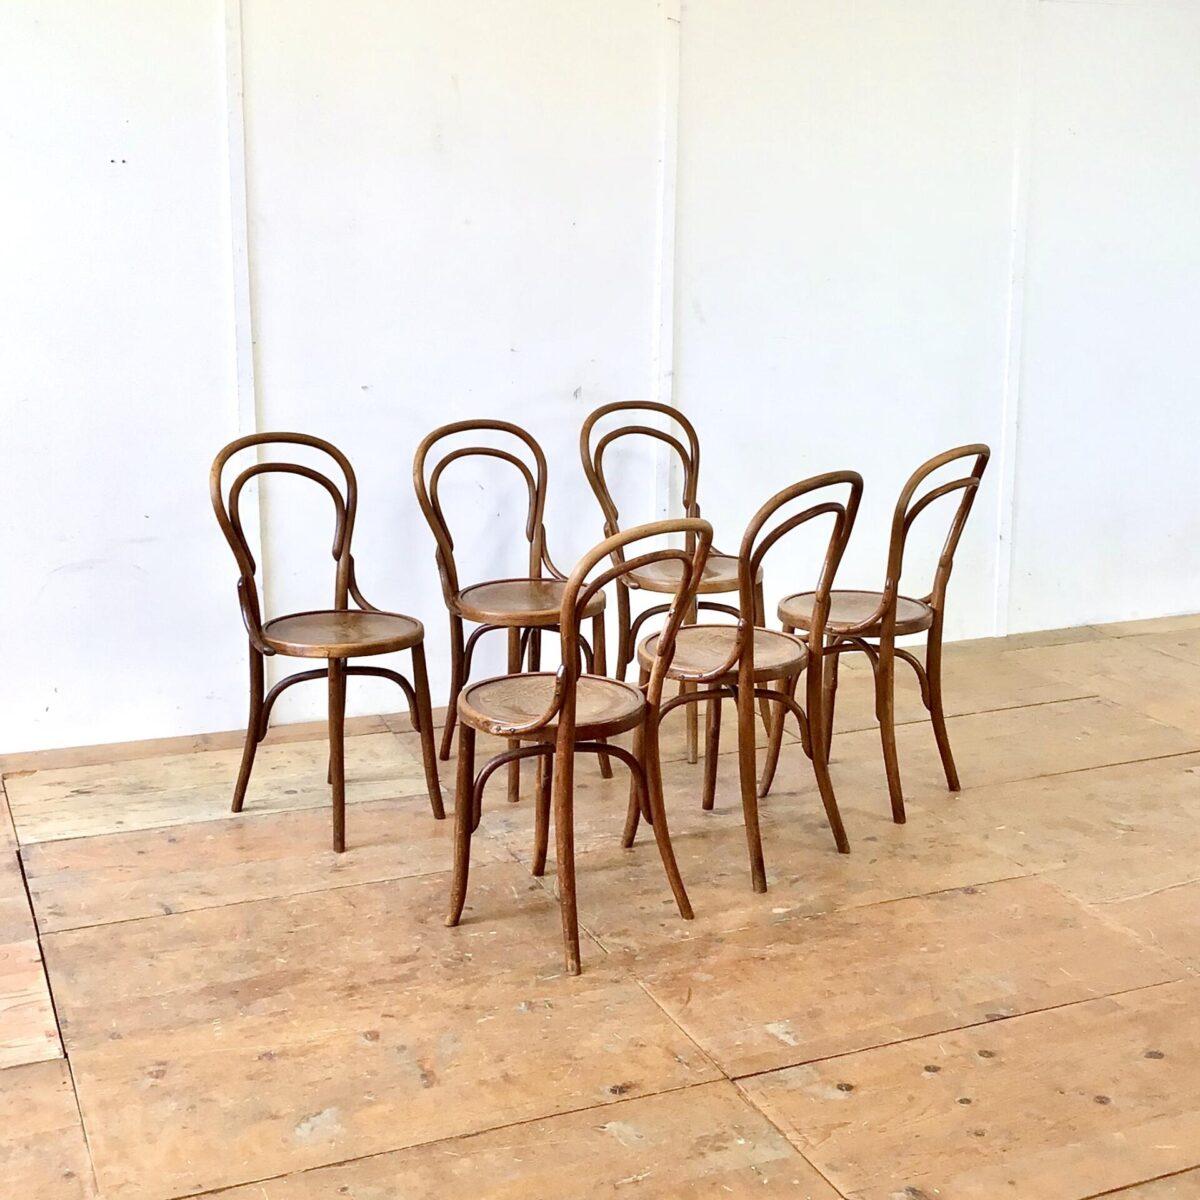 Deuxieme.shop Beizenstühle Esszimmer Stühle. 6er Set Bistrostühle von horgenglarus restauriert. Diese alten Bugholzstühle haben ein schönes Blumenmuster auf der Sitzfläche. Technische Mängel, wie wacklige Vorderbeine, sind frisch verleimt. Warme Kastanienbraune Alterspatina. Unter der Sitzfläche haben die Stühle, die etwas selteneren, Kreuzverstrebungen.